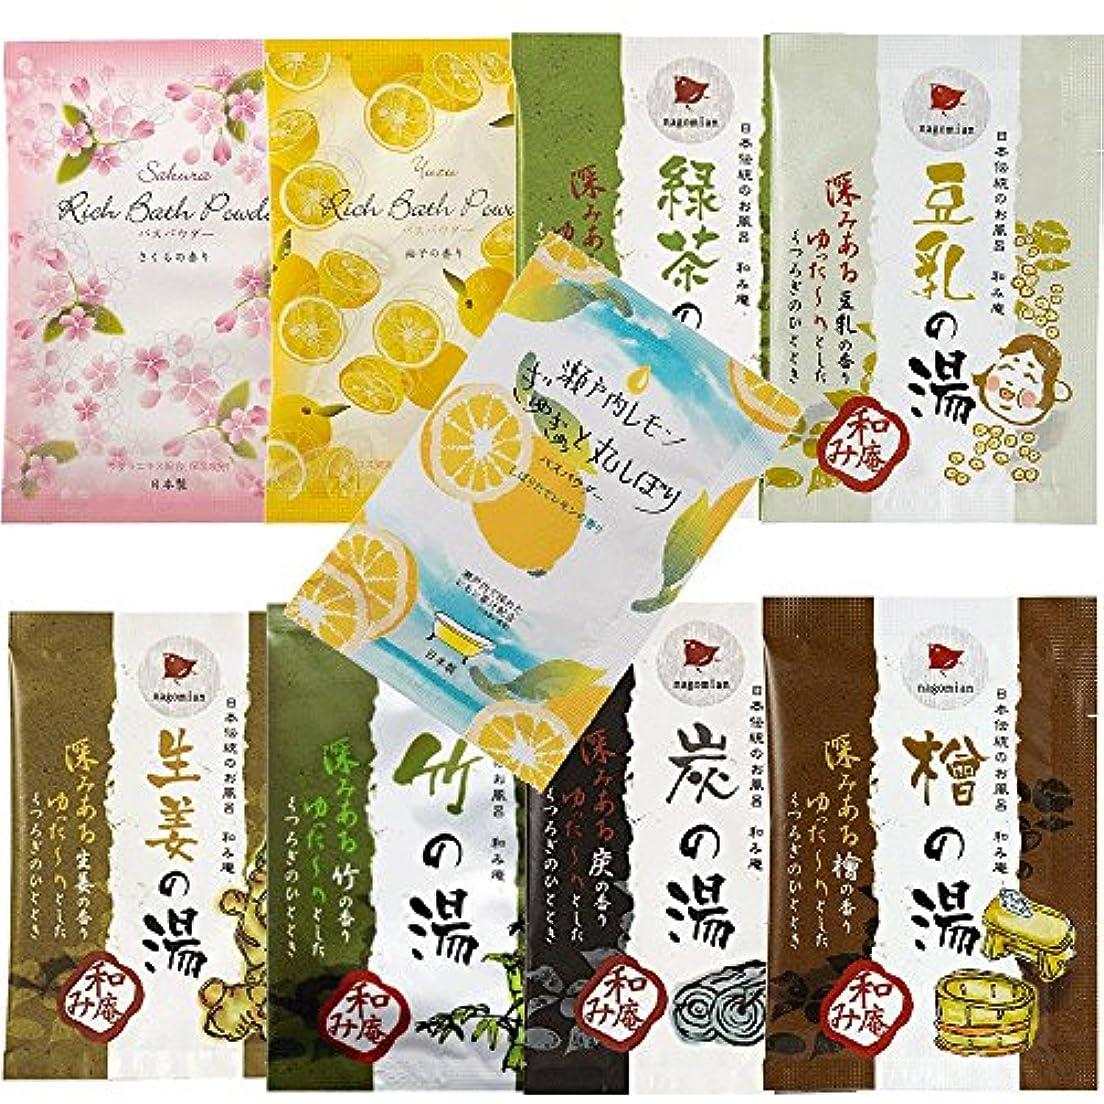 まともなどこ誰でも日本伝統のお風呂 和み庵 6種類 + バスパウダー 3種類セット 和風入浴剤 9包セット